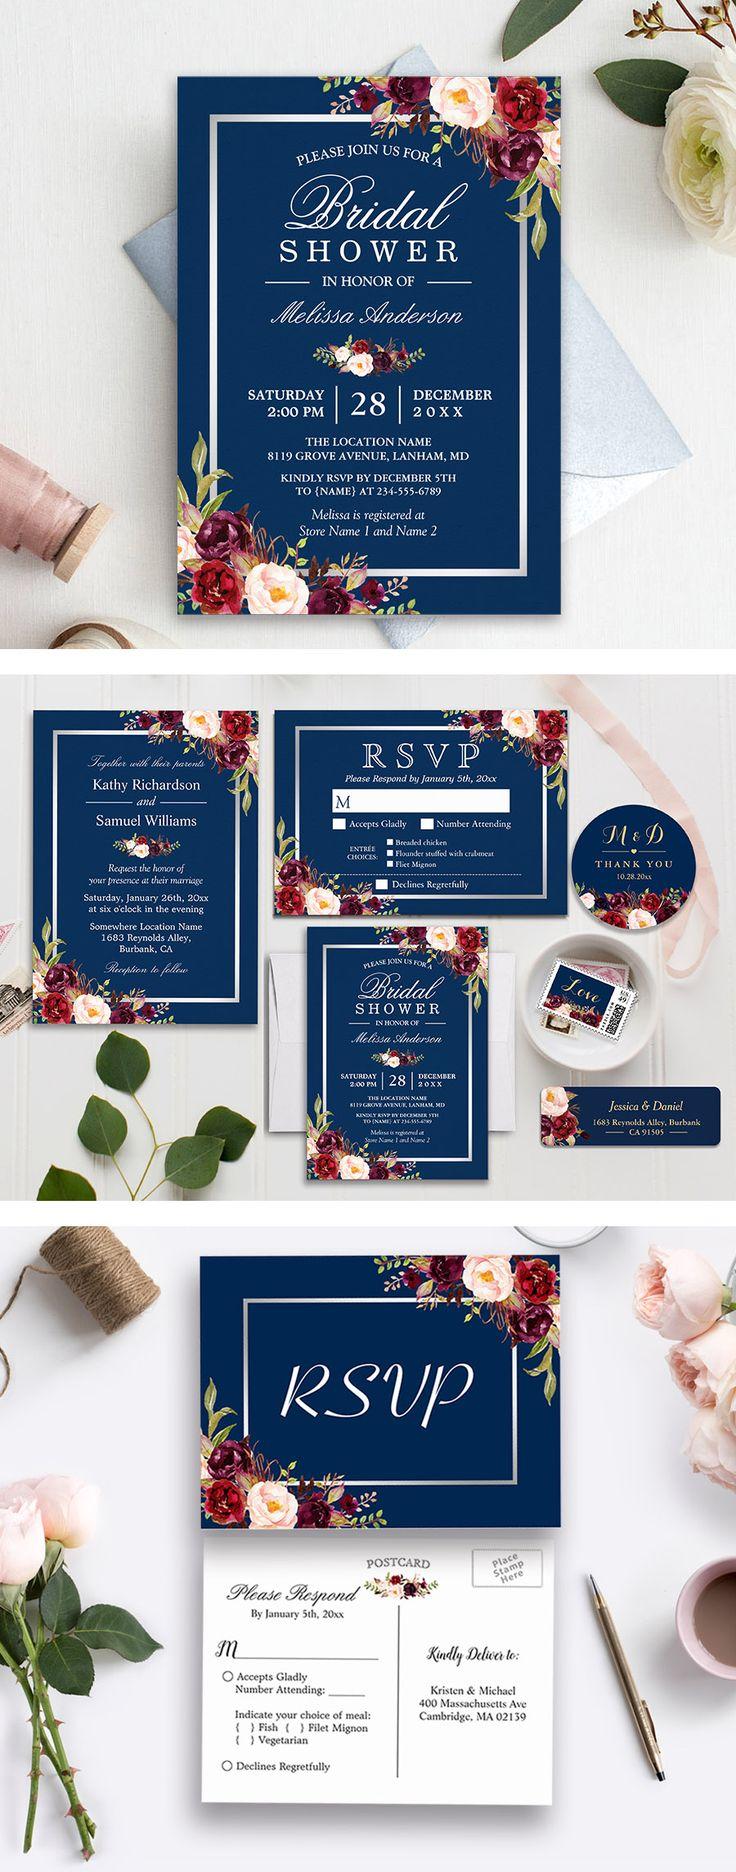 Shop Invitation Suite Burgundy Red Floral Navy